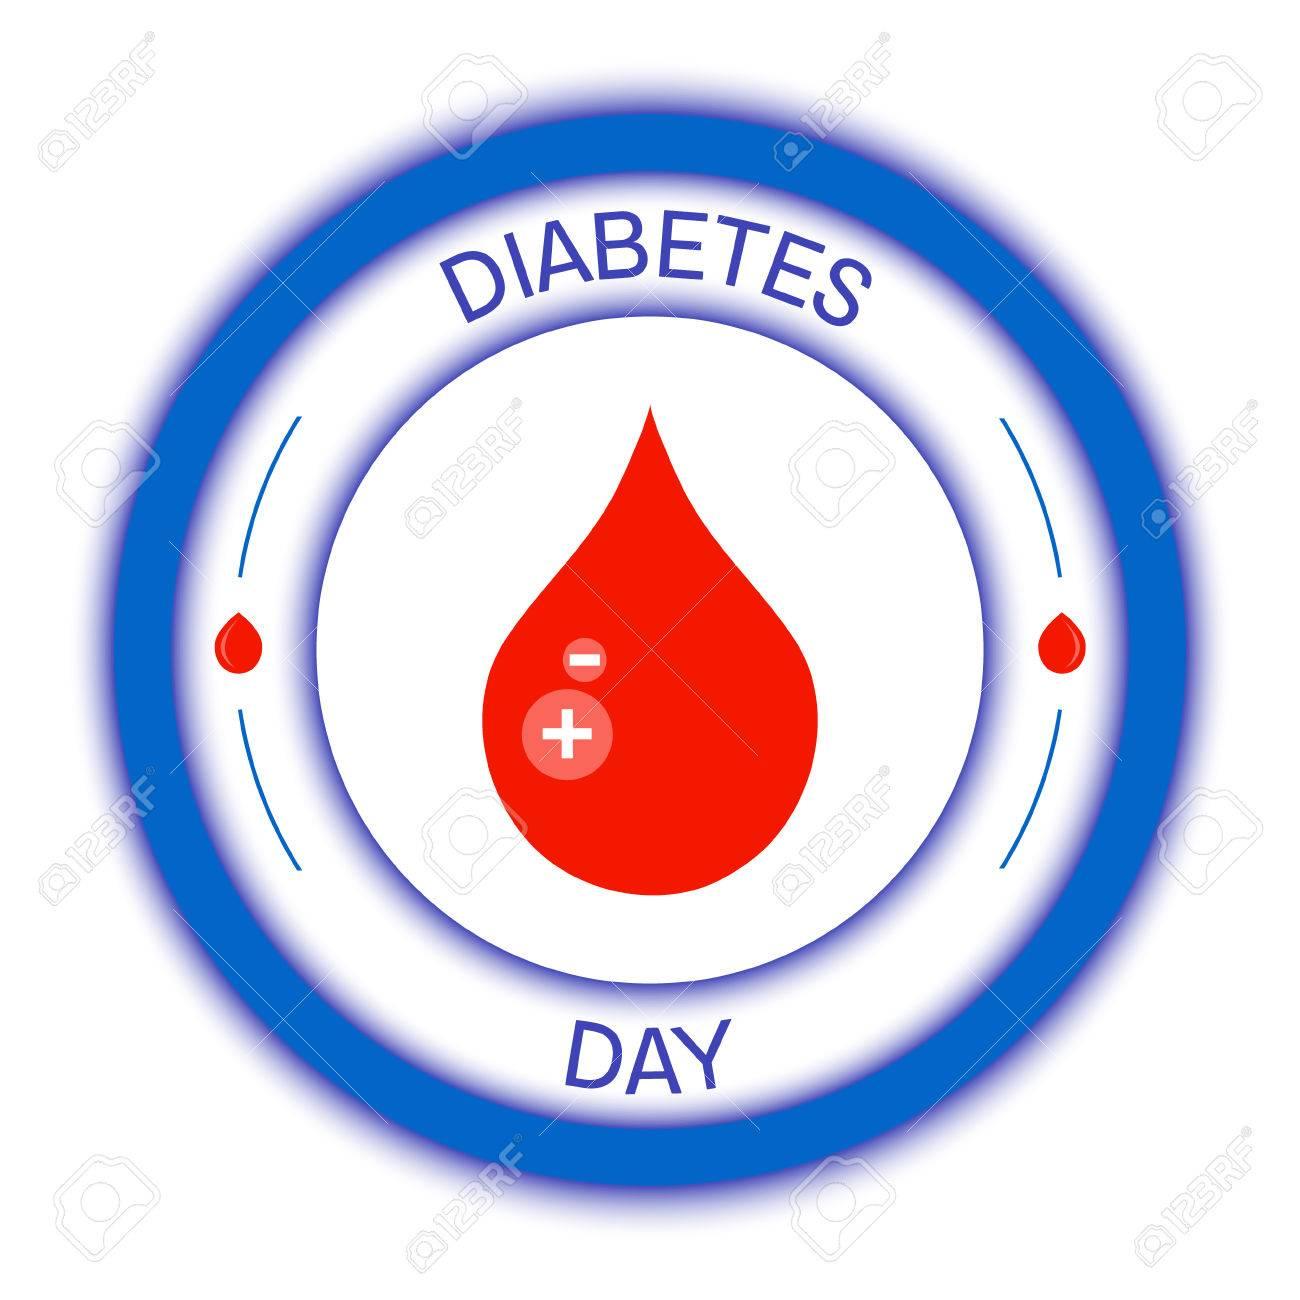 mes de conciencia de diabetes de imágenes azules